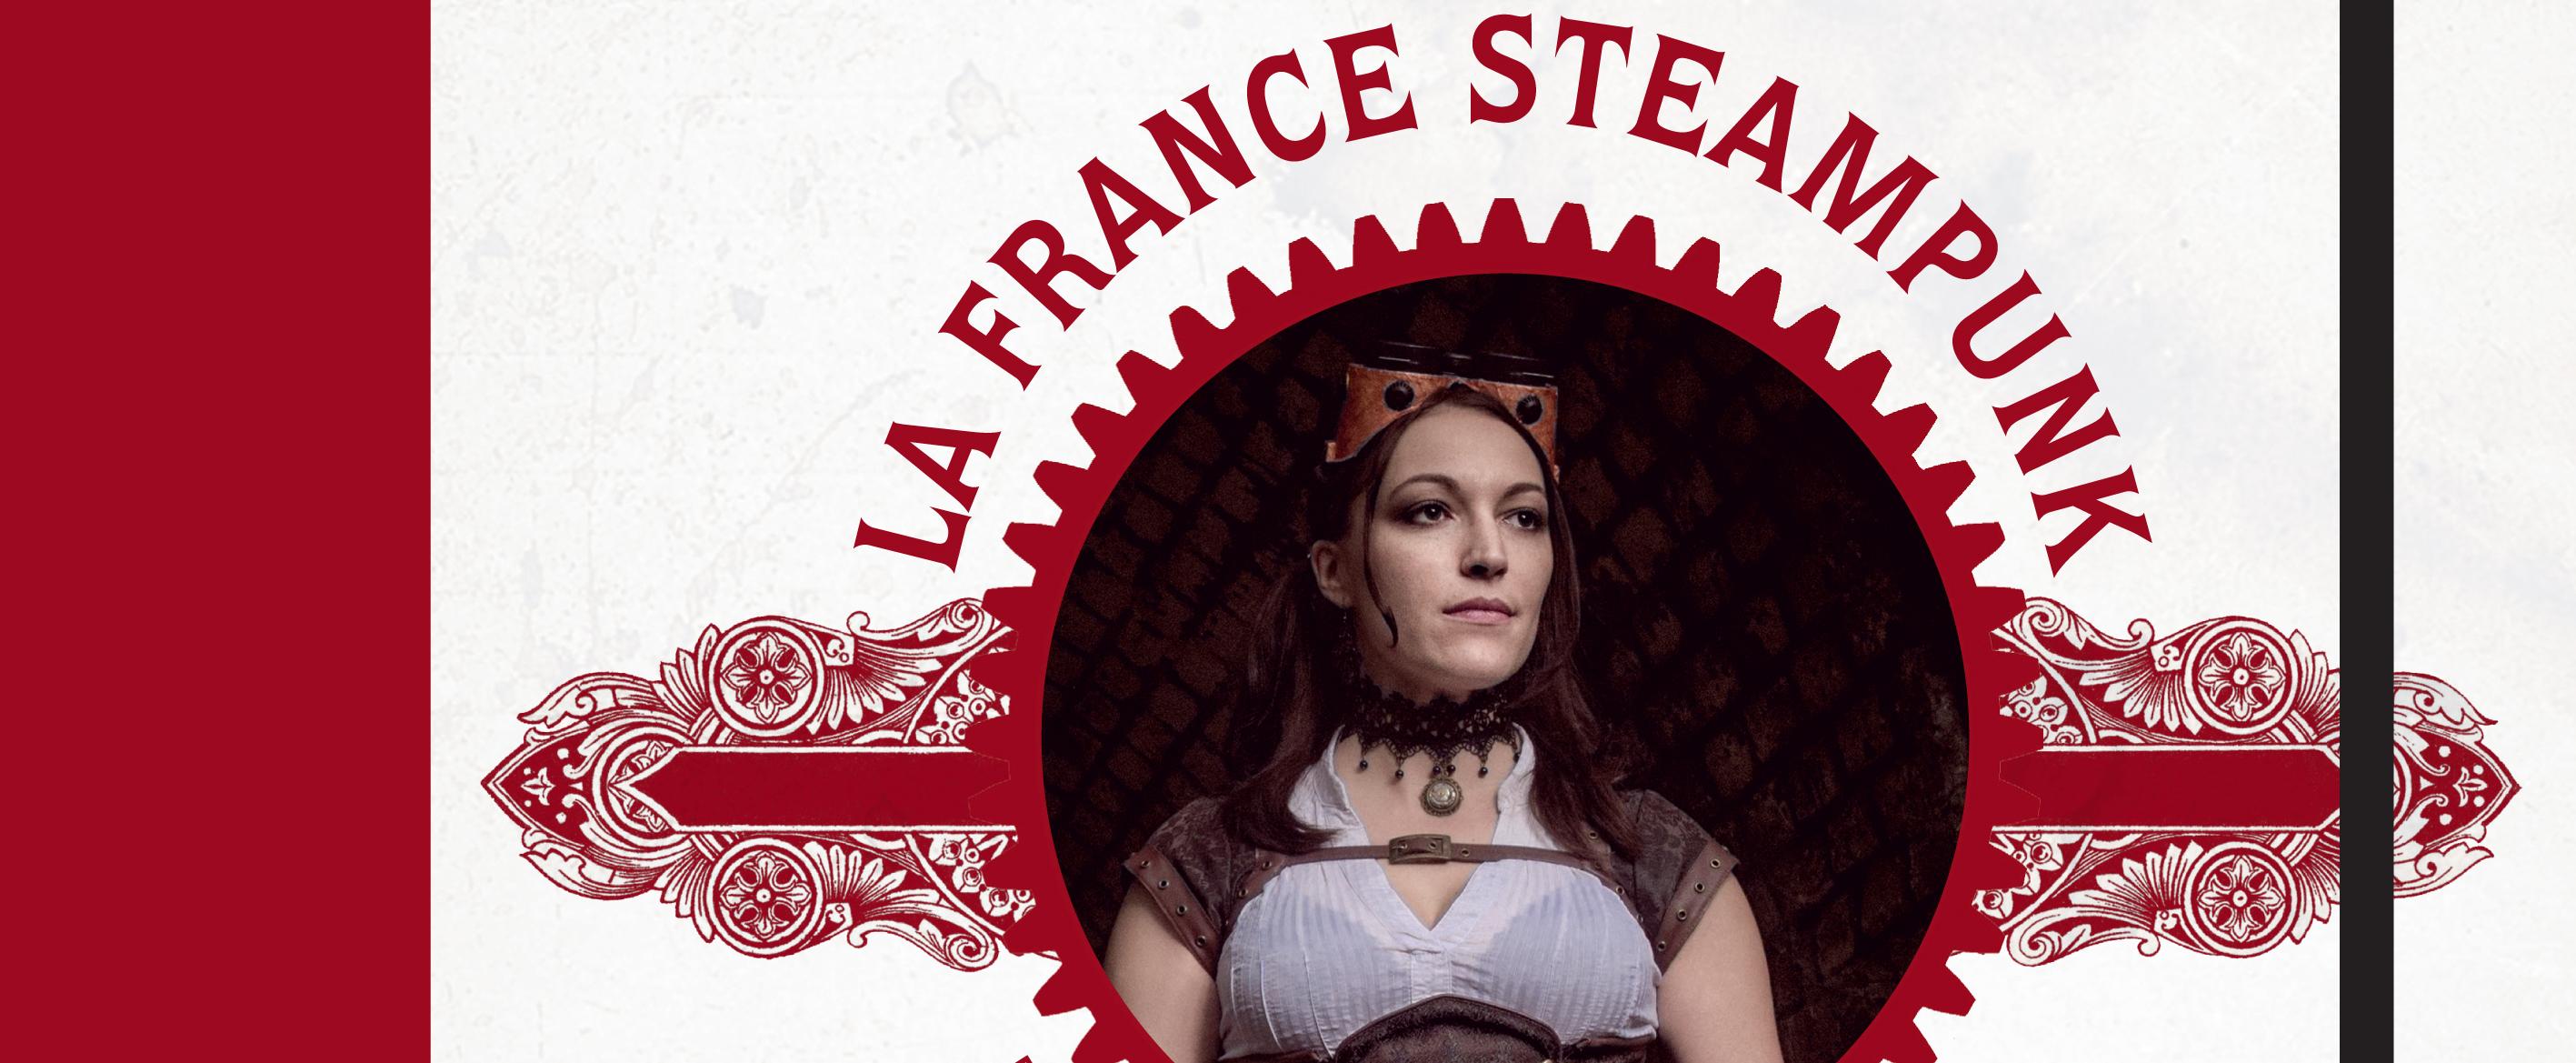 La France Steampunk : Au temps de la Commune, y'avait des Vaporistes